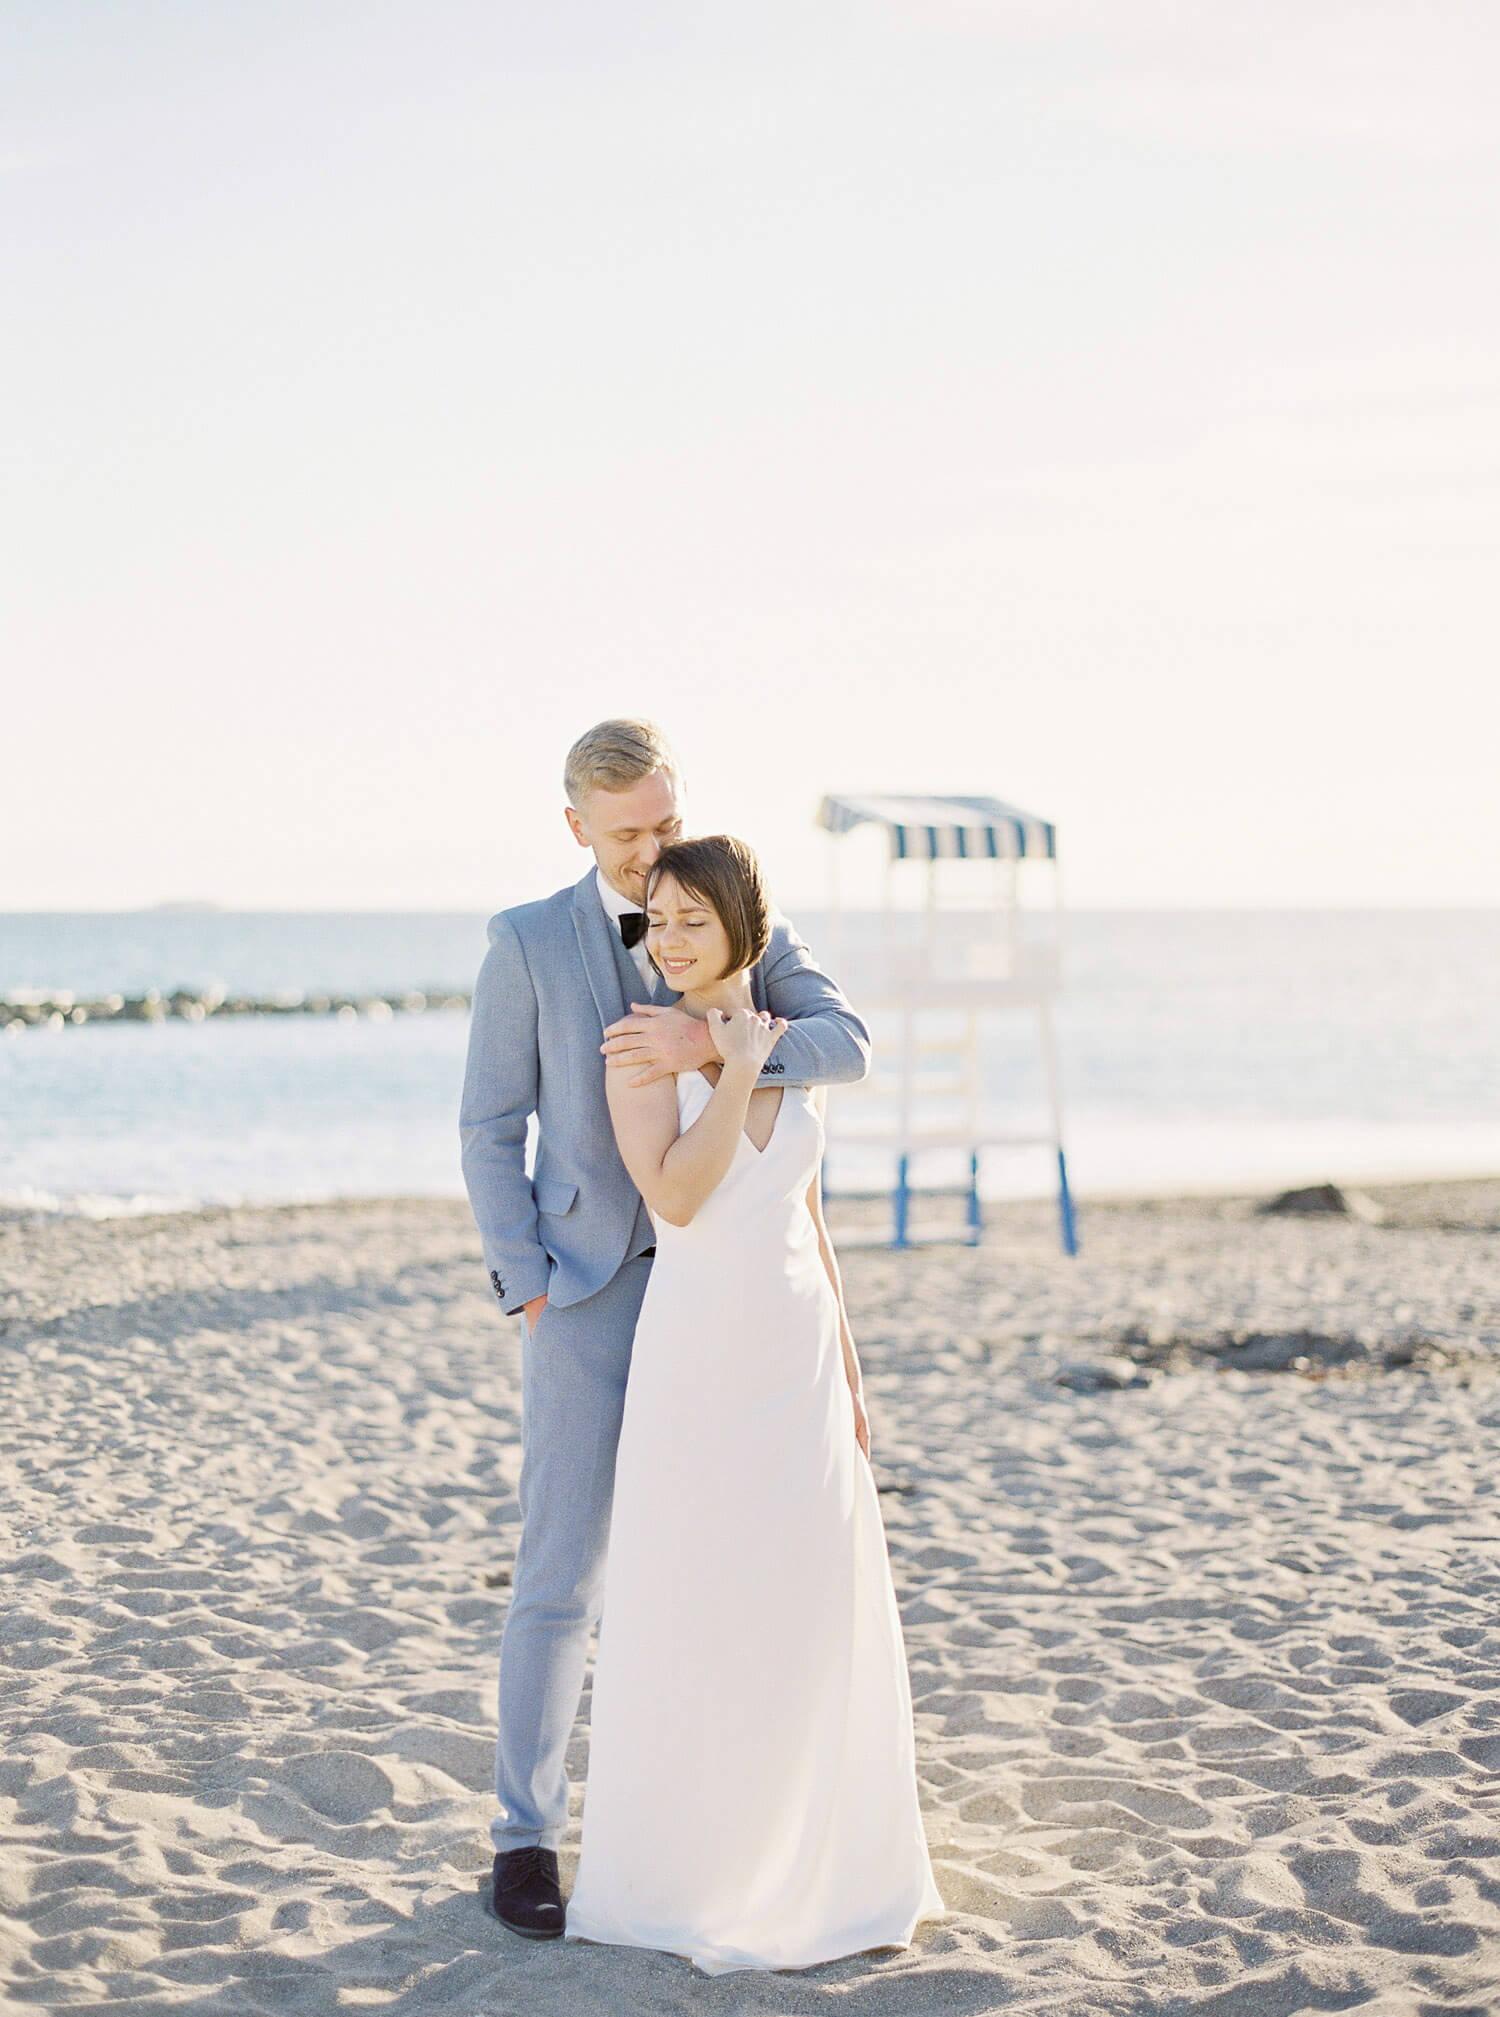 honeymoon in Tenerife photographer Lilly verhaegen